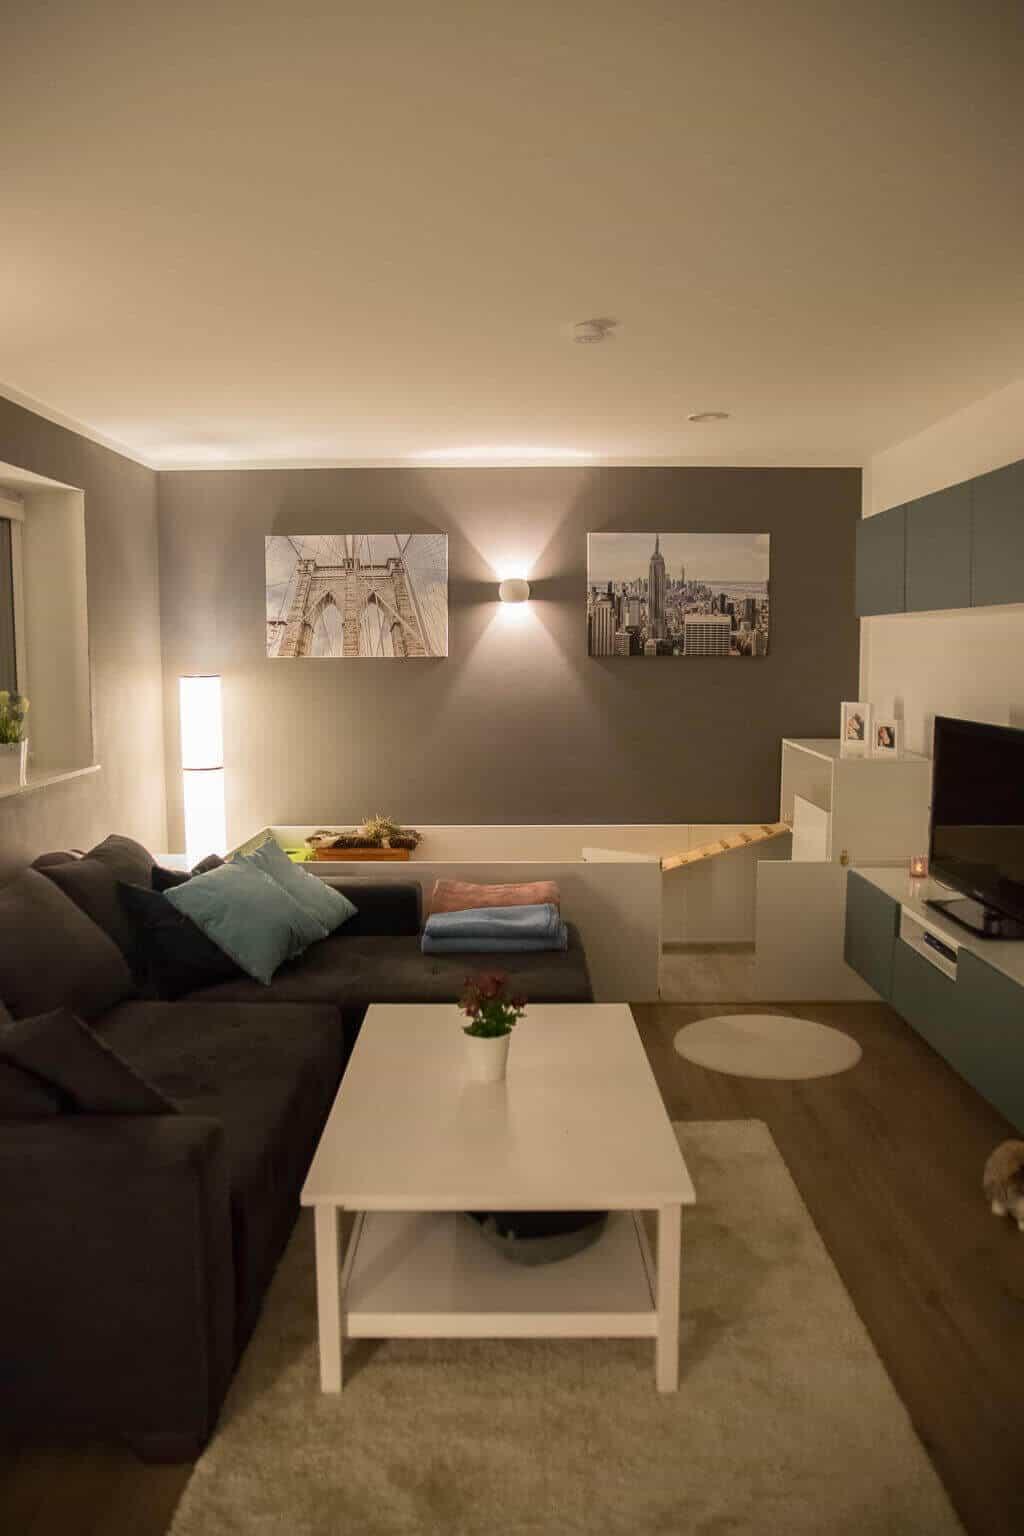 Wohnzimmer mit grauen Wänden und weißen Möbeln